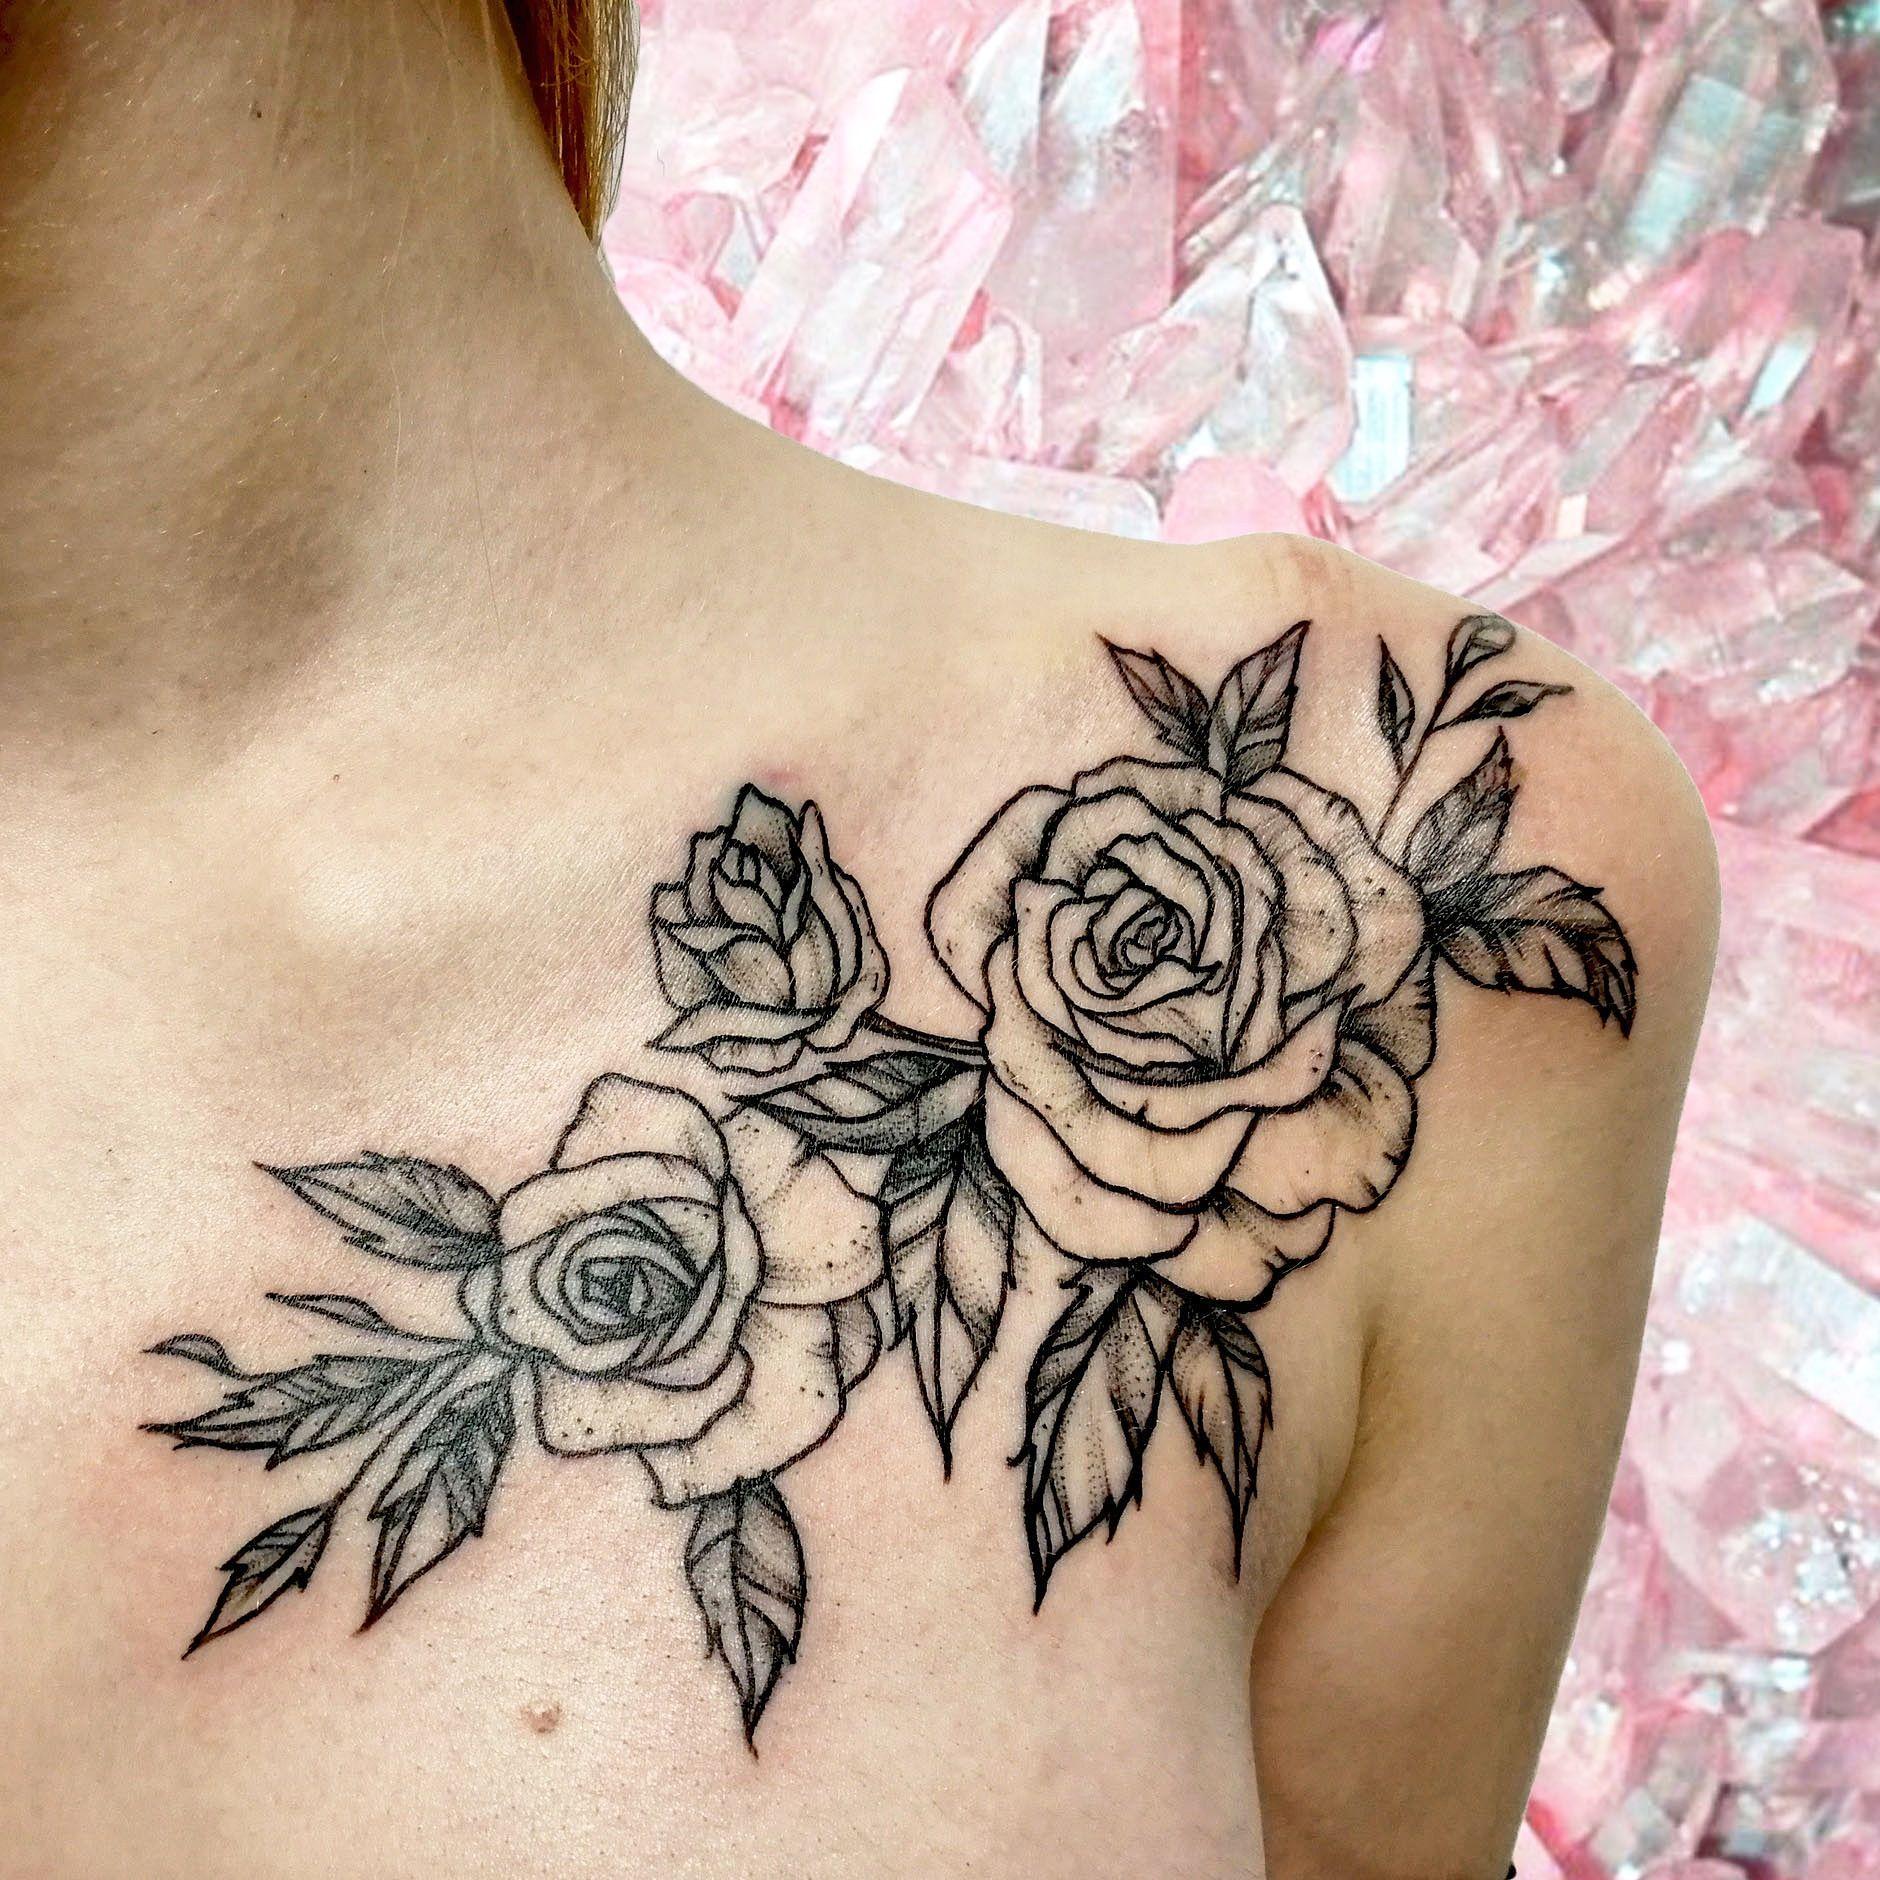 Redinktattoo Pink розовый розовыйфон Tattoo Tatt Girltattoo